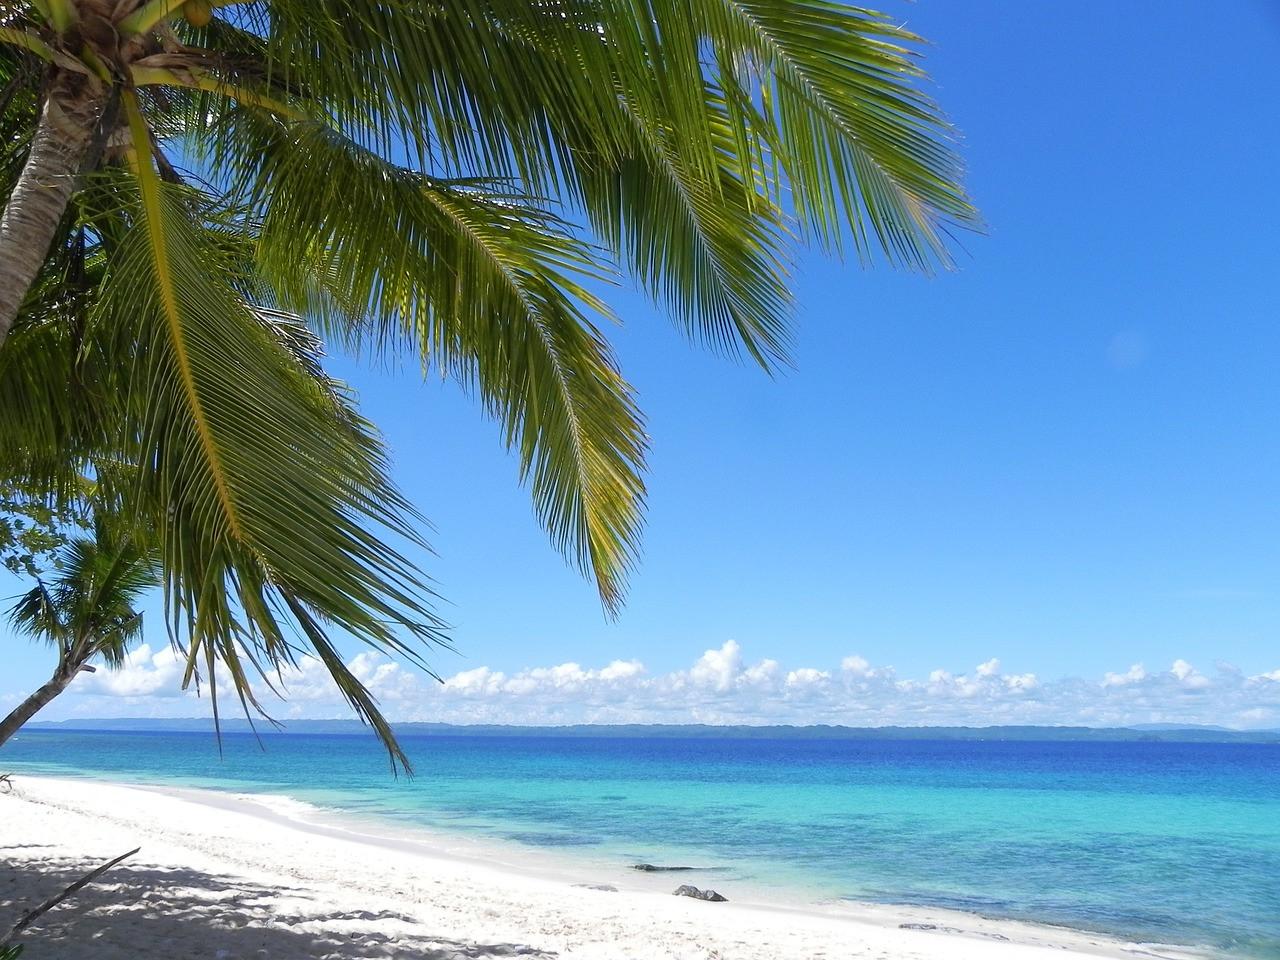 菲律賓斯巴達語言學校是什麼?3大特色告訴你!